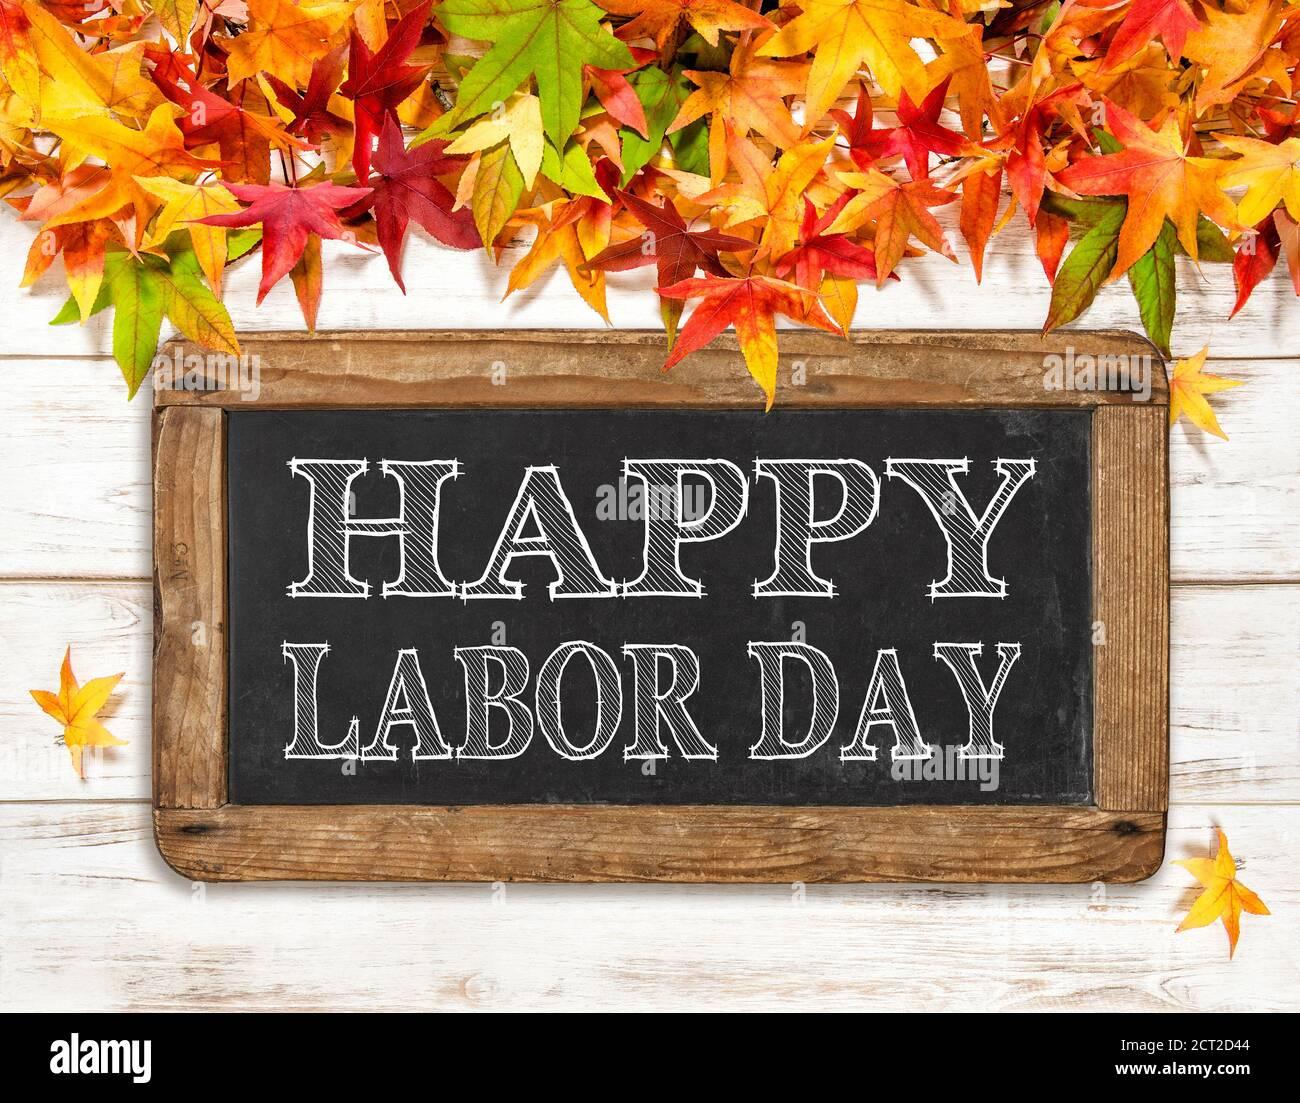 Feliz día del Trabajo. Hojas de otoño y pizarra sobre fondo de madera brillante Foto de stock